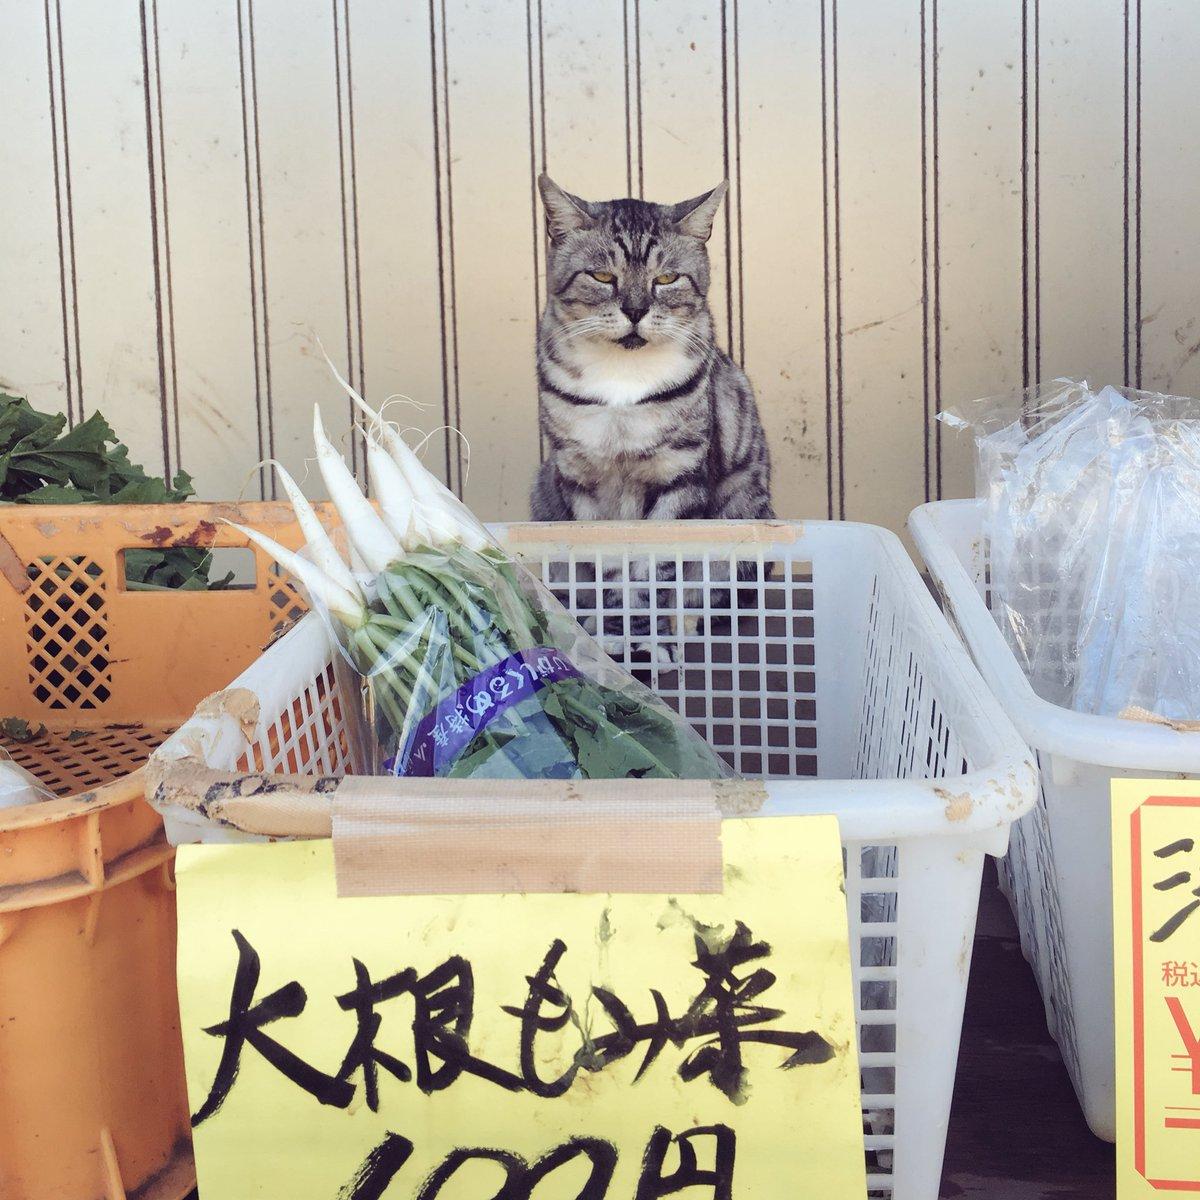 無人販売ならぬ有猫販売?!自転車をこいでたら猫の八百屋を発見しちゃった!